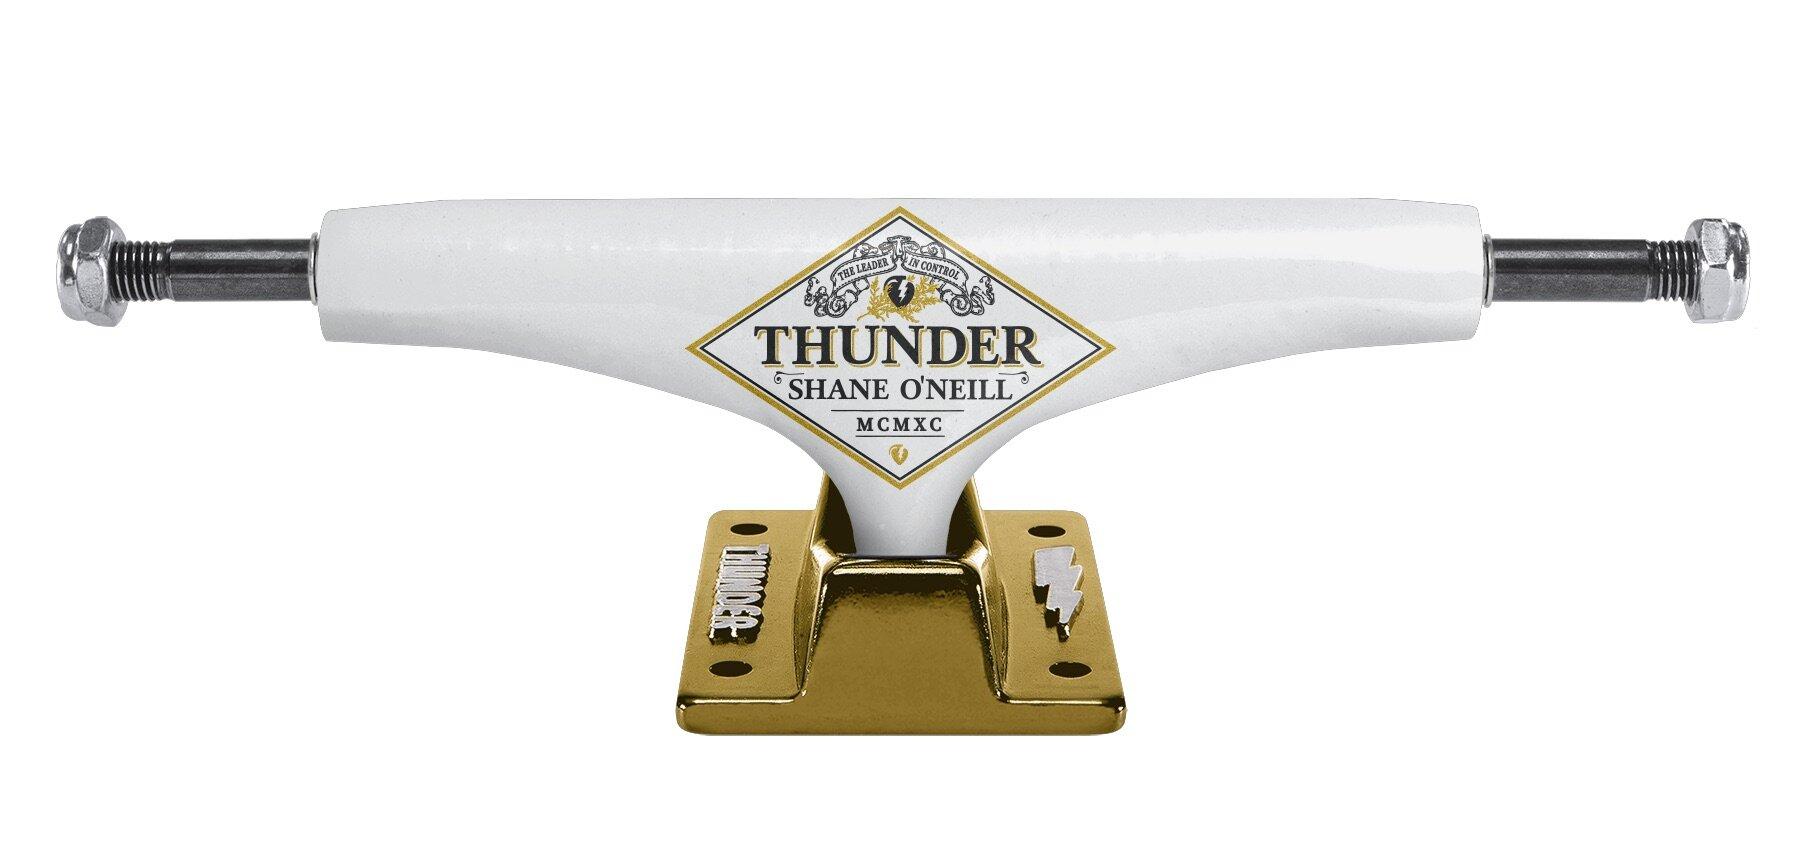 th-cp-trk-d1-pro-oneill-premium-hollow-lights-II-front.jpg